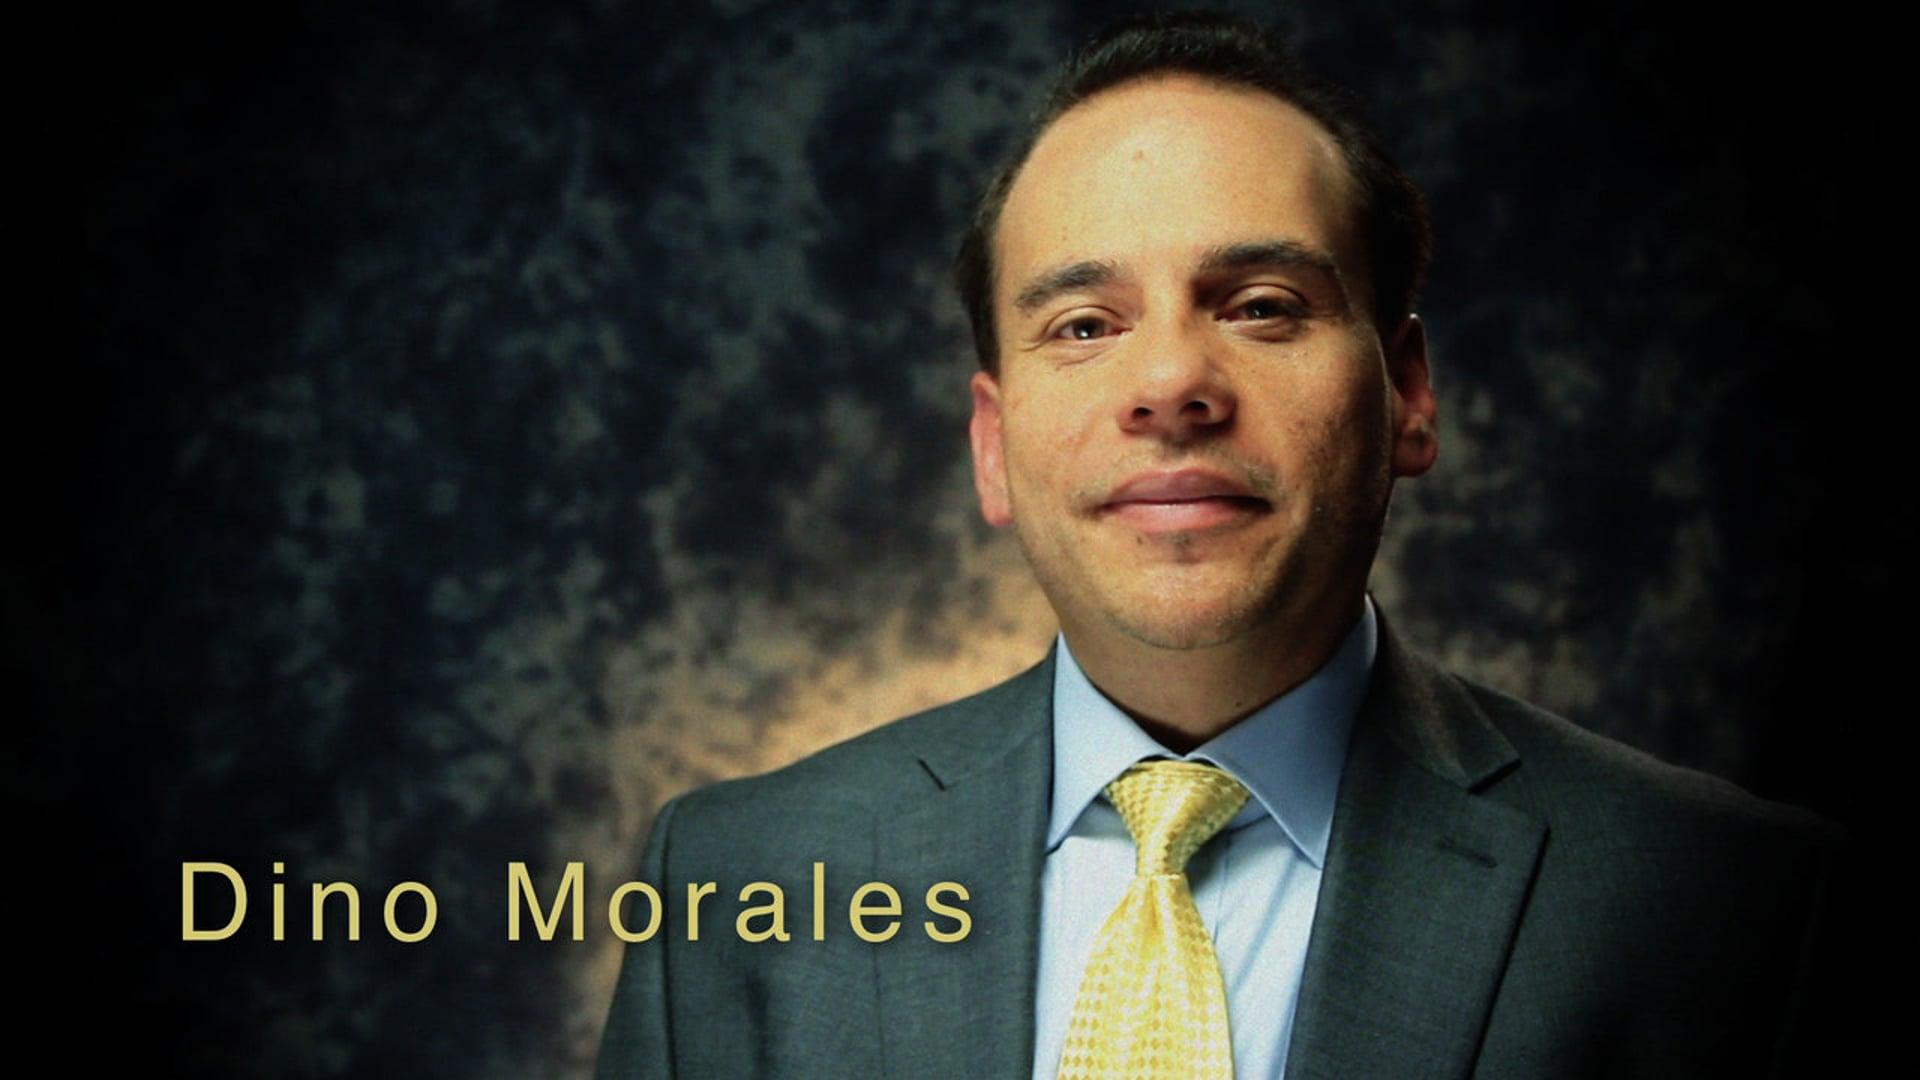 DINO MORALES